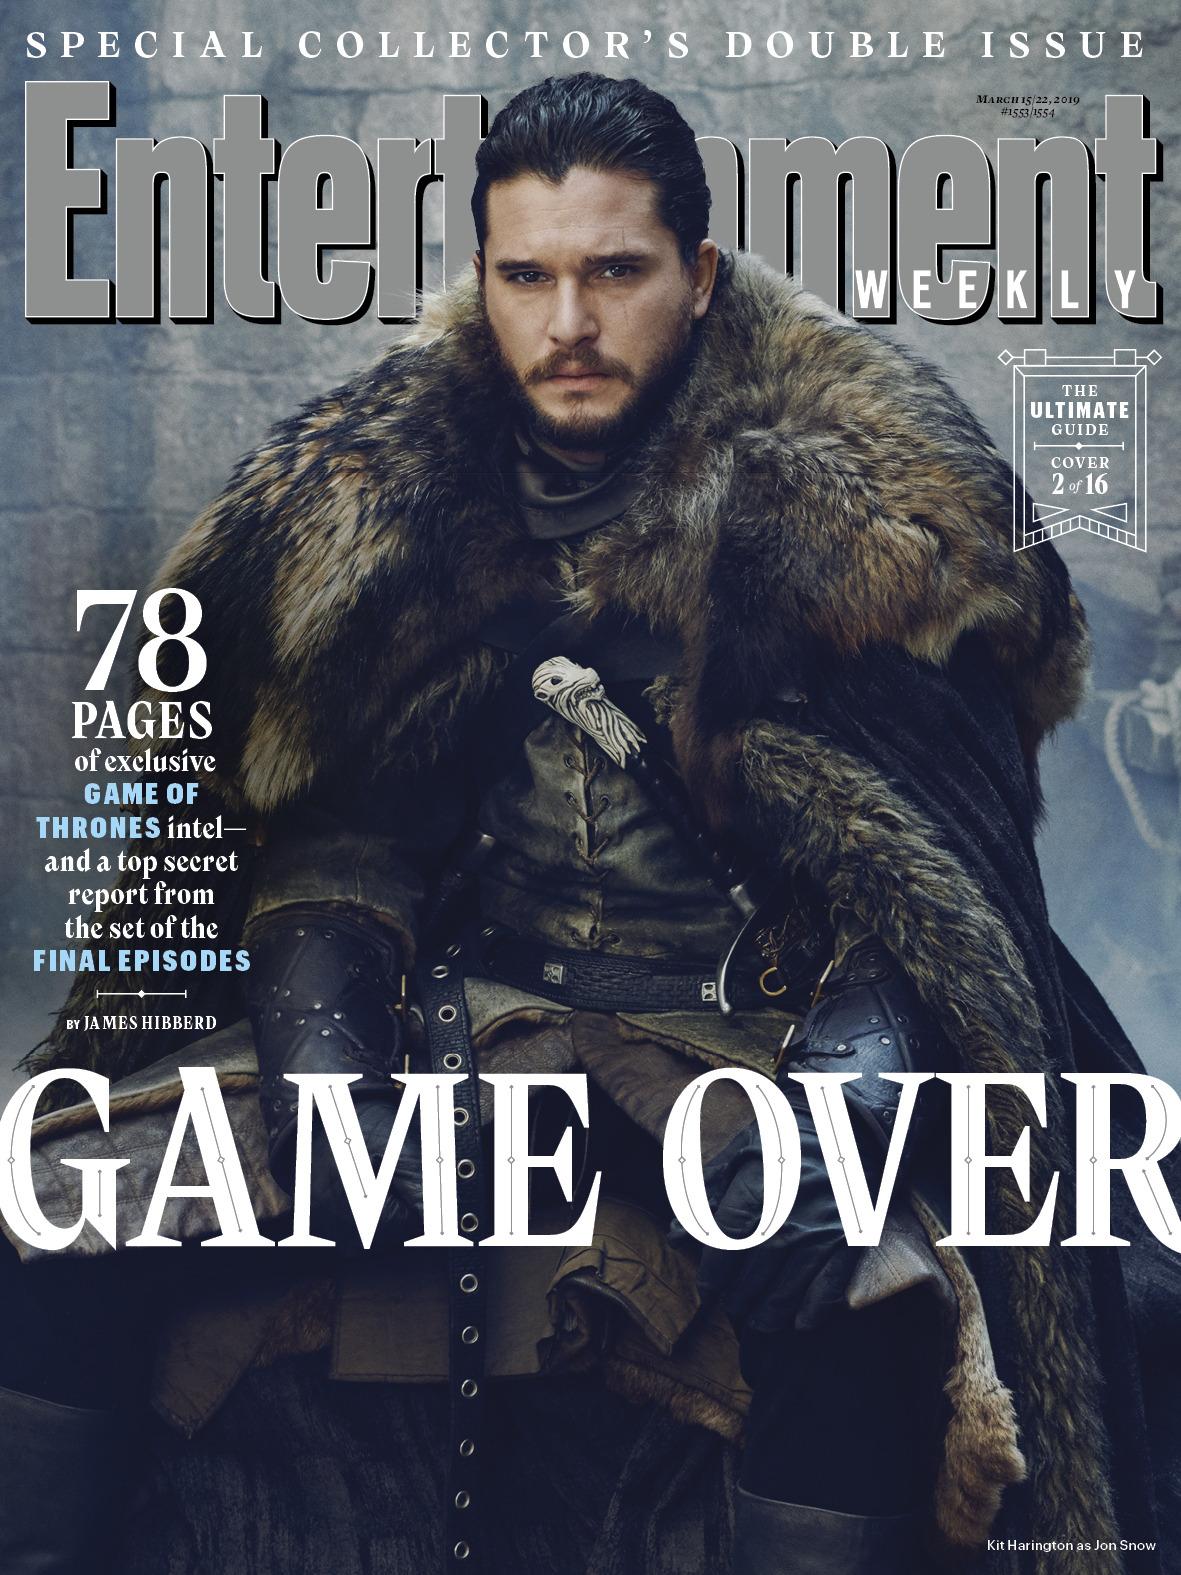 Il Trono di Spade 8: Jon Snow sulla copertina di EW